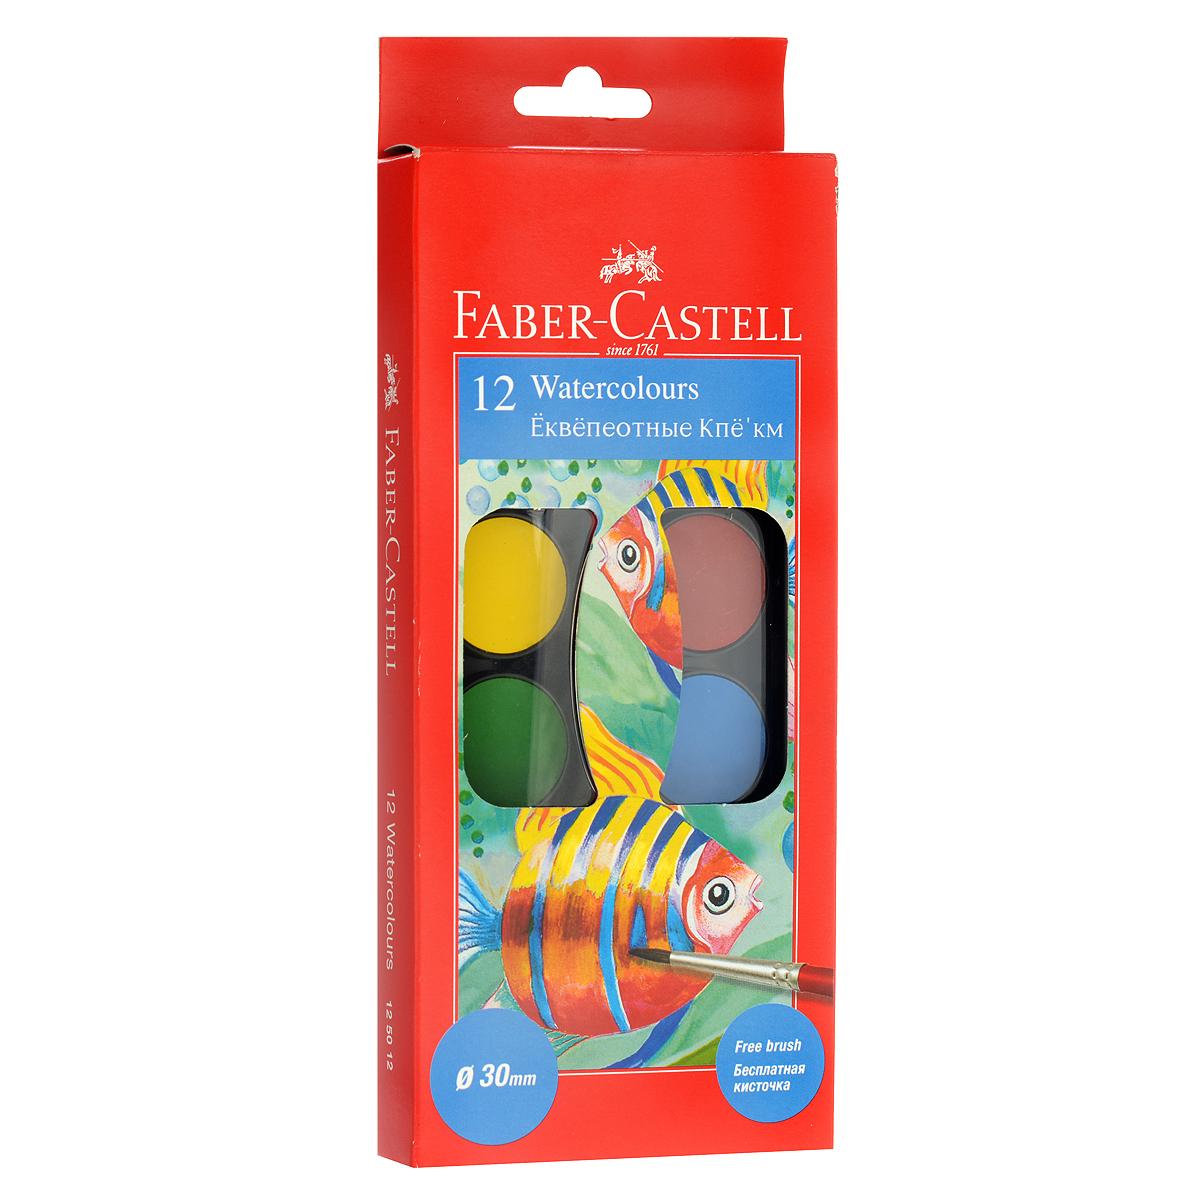 Акварельные краски Faber-Castell, с кисточкой, 12 шт35123Акварельные краски Faber-Castell - это живые и яркие цвета с прекрасной покрывающей способностью, богатая цветовая палитра при смешивании красок, прекрасный результат нанесения на бумагу и другие поверхности.Акварельные краски Faber-Castell - рисуйте в удовольствие!Кисточка в подарок!